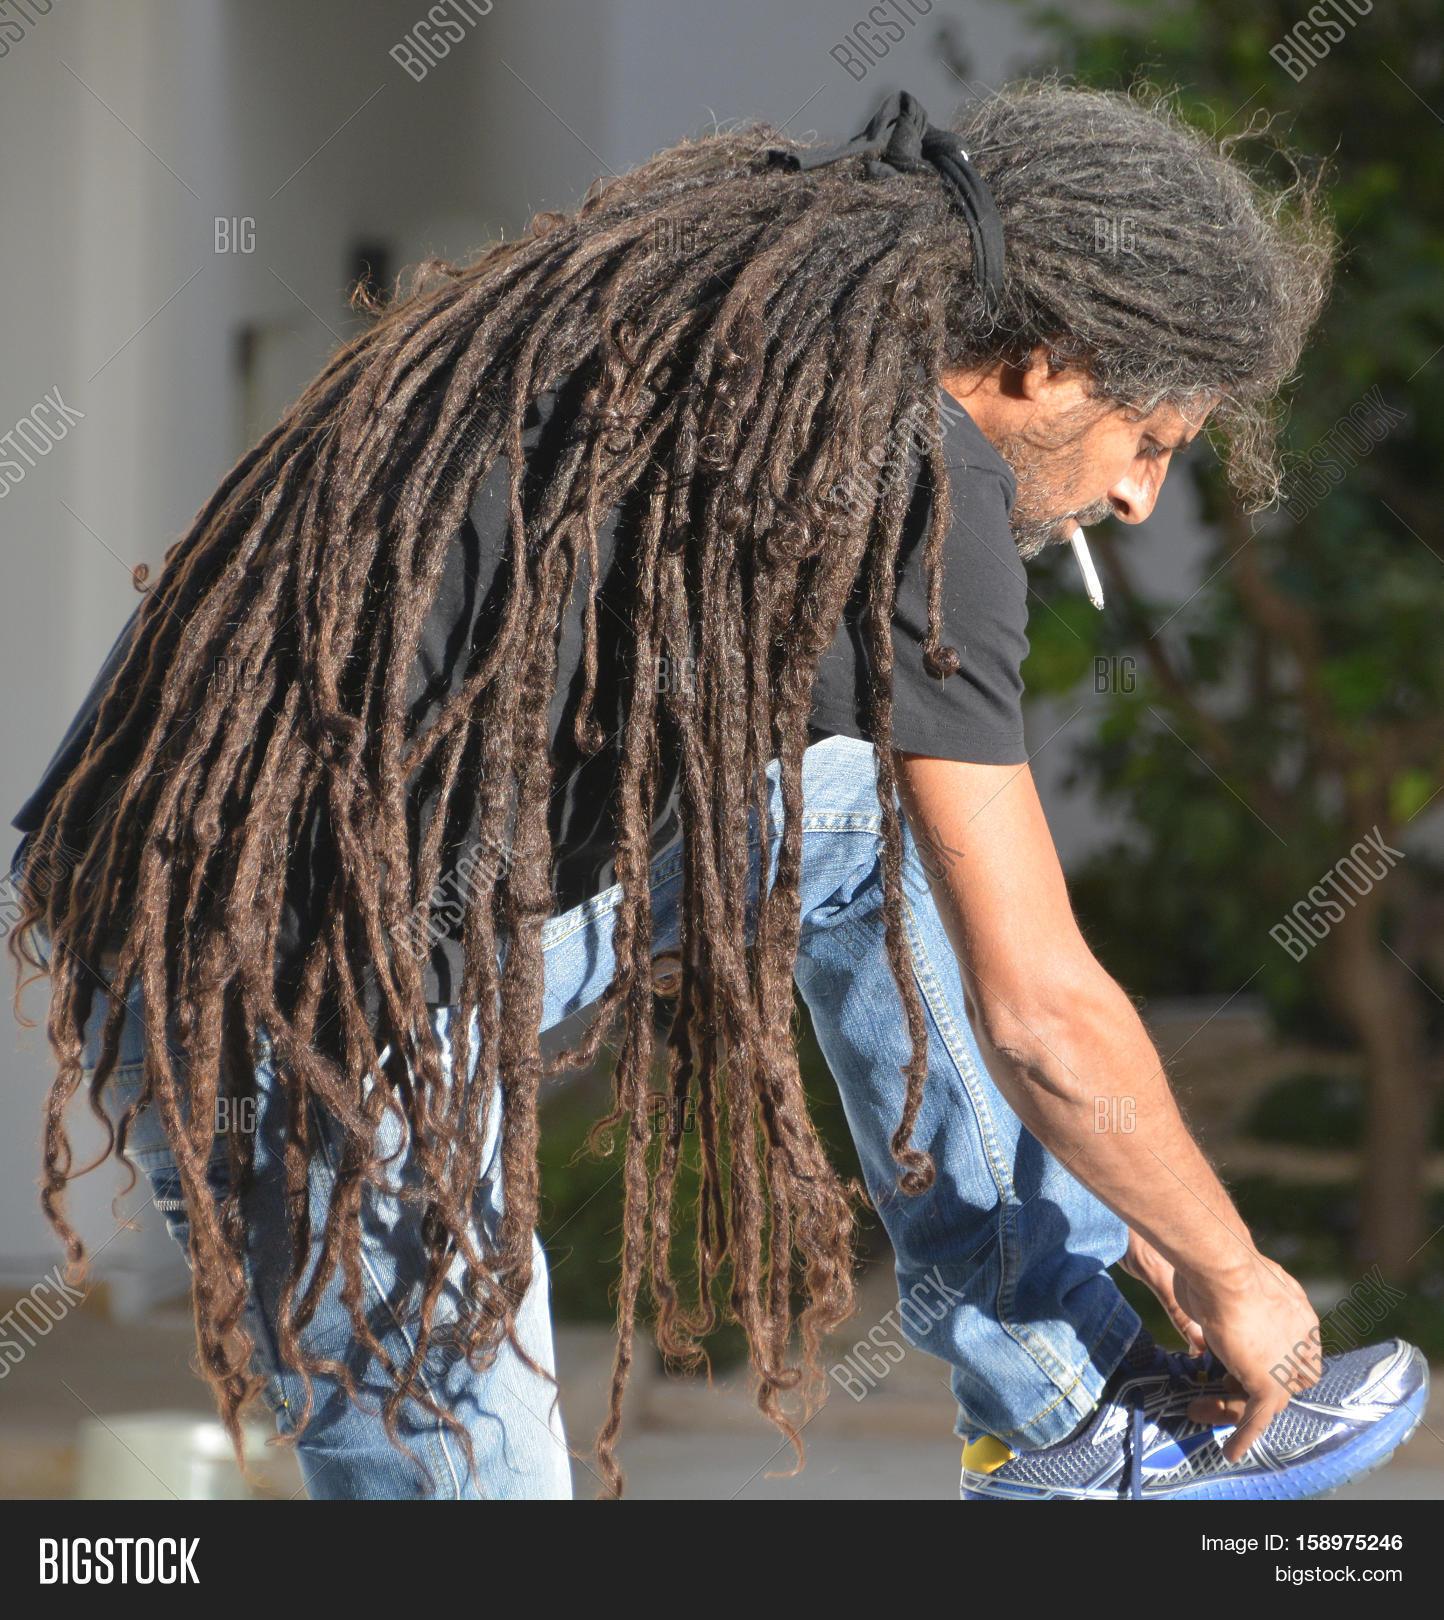 Rastafarian 2: TEL AVIV ISRAEL 07 11 Image & Photo (Free Trial)